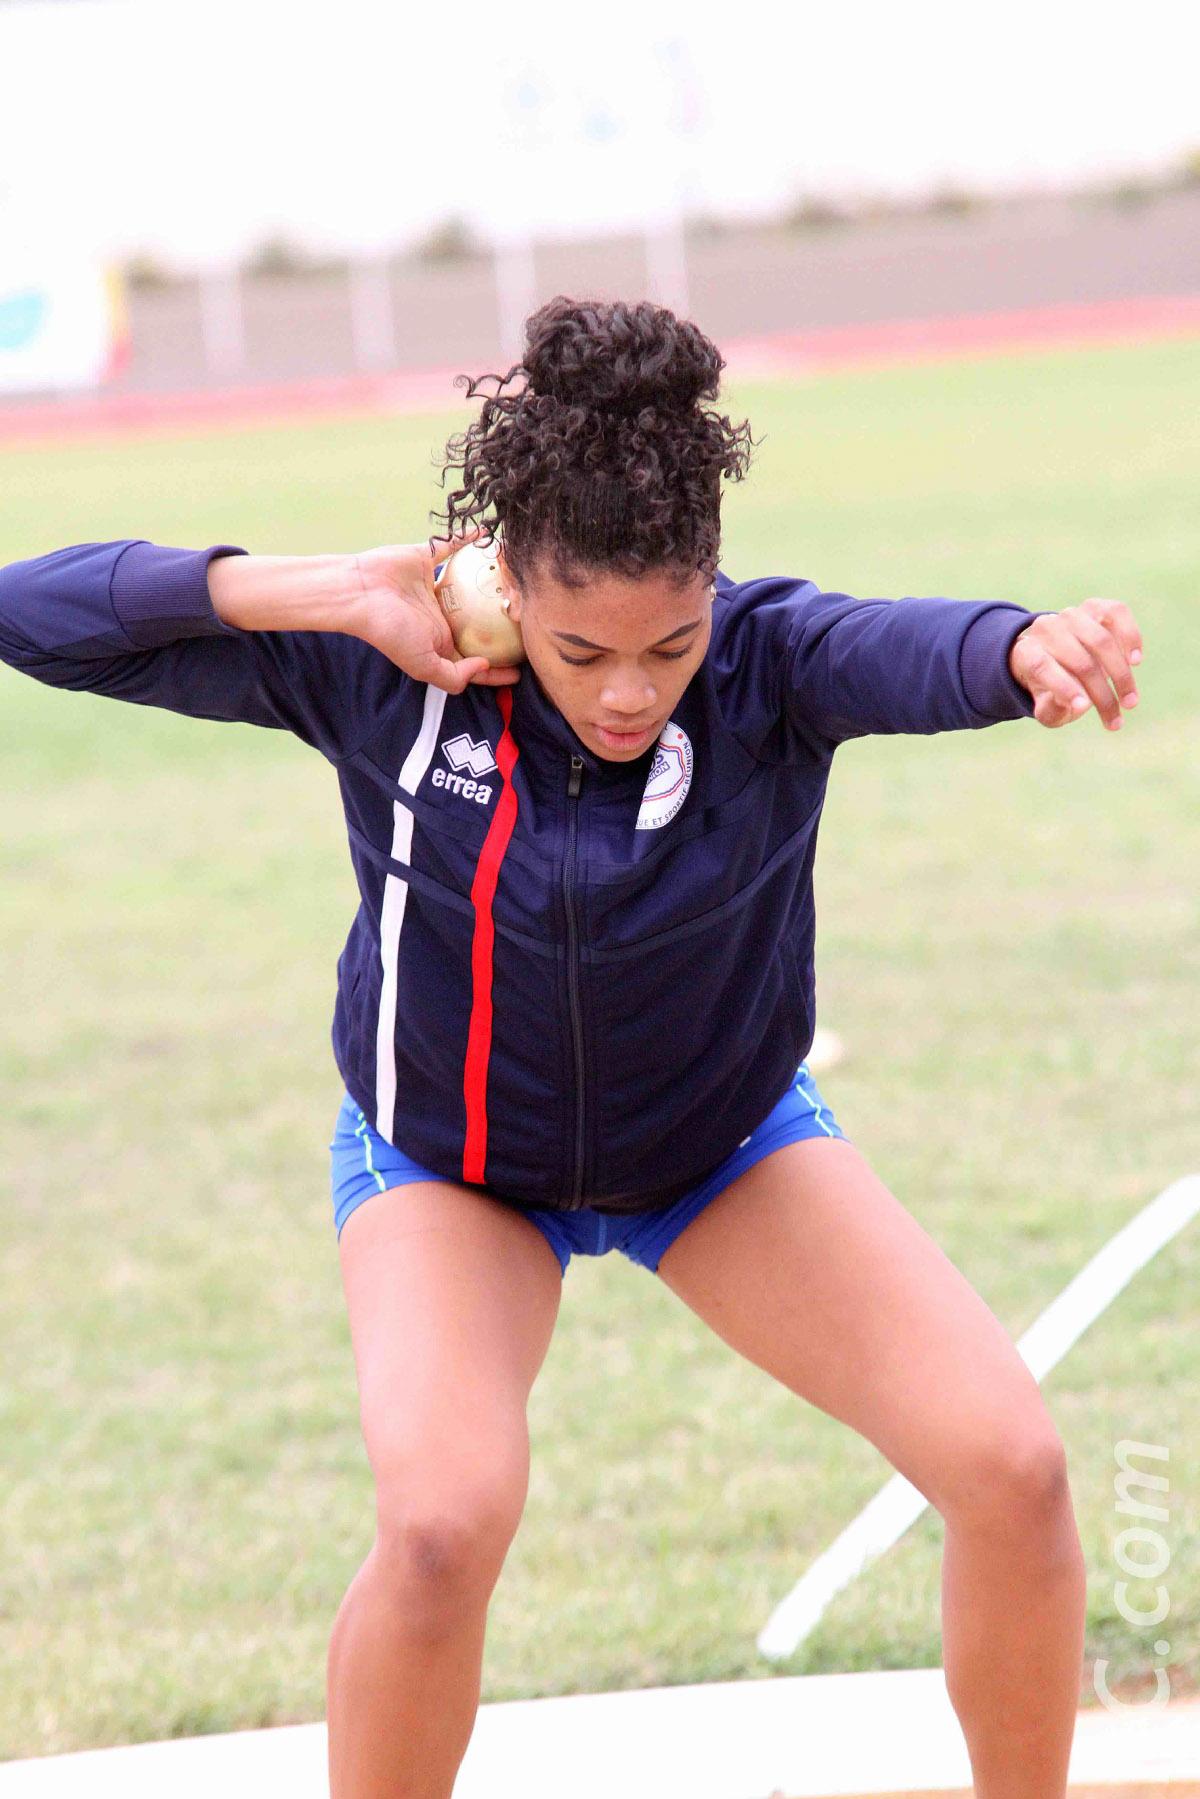 Kooreia Djelti, 2ème de l'heptathlon avant la dernière journée